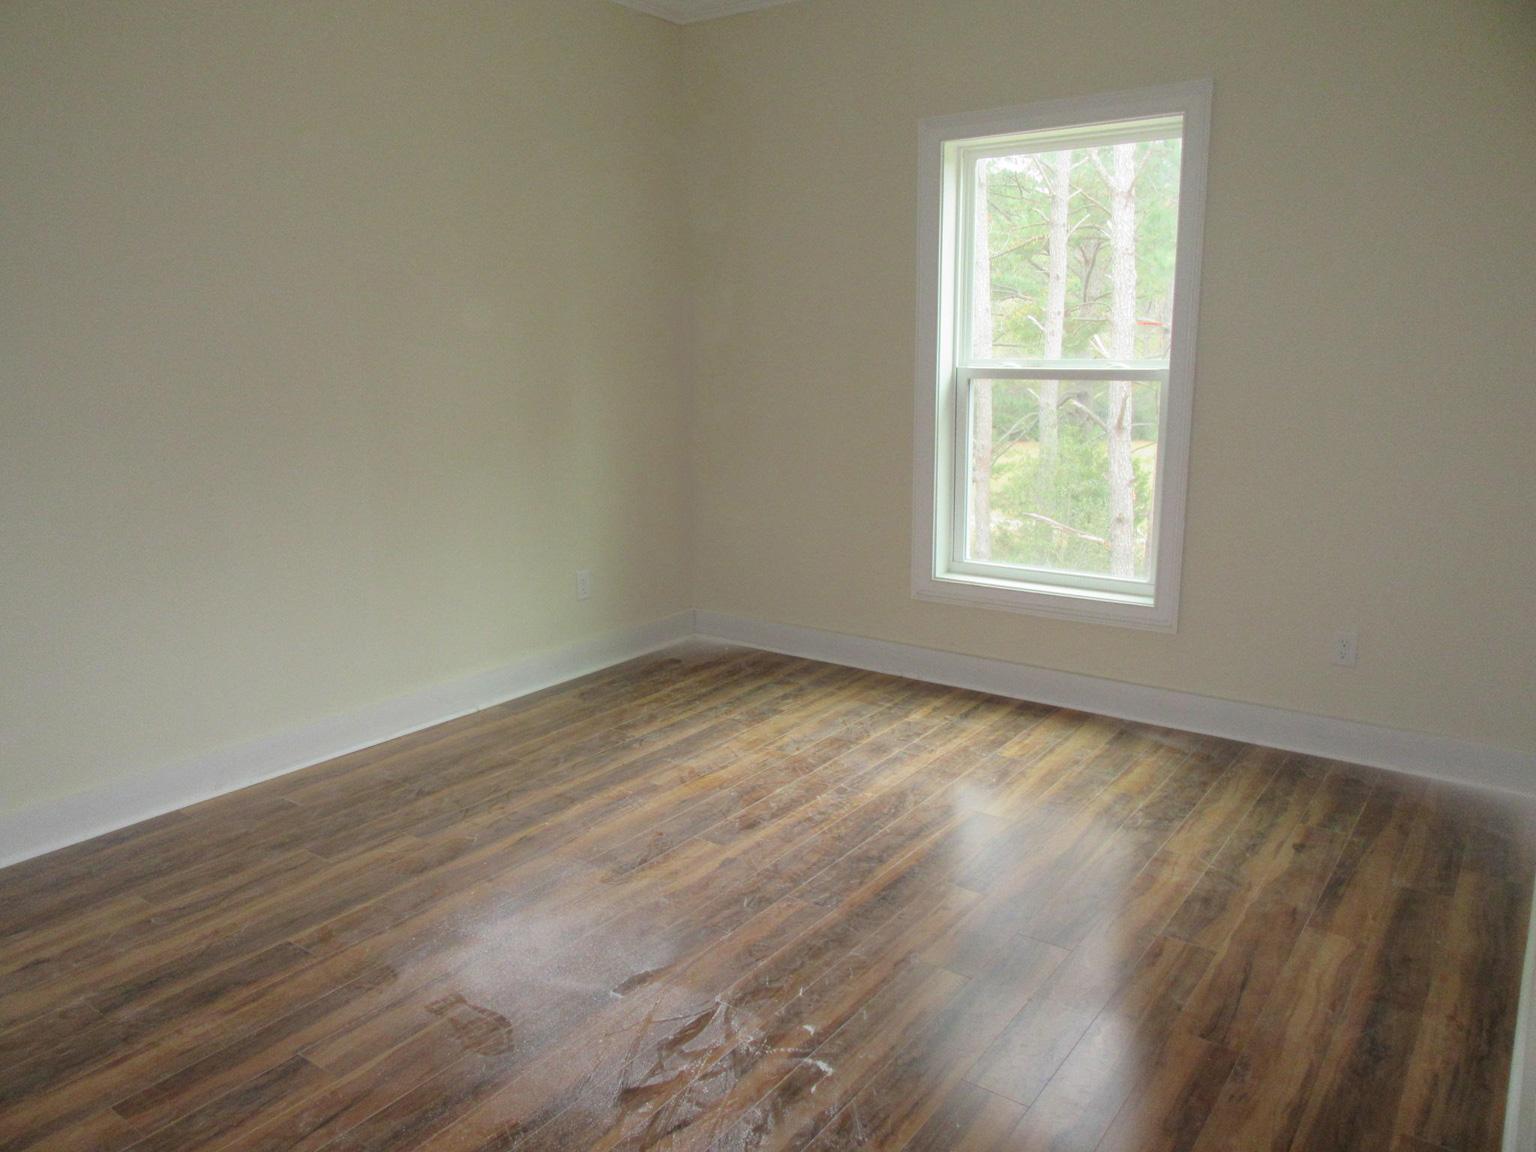 cedar ridge modular home interior